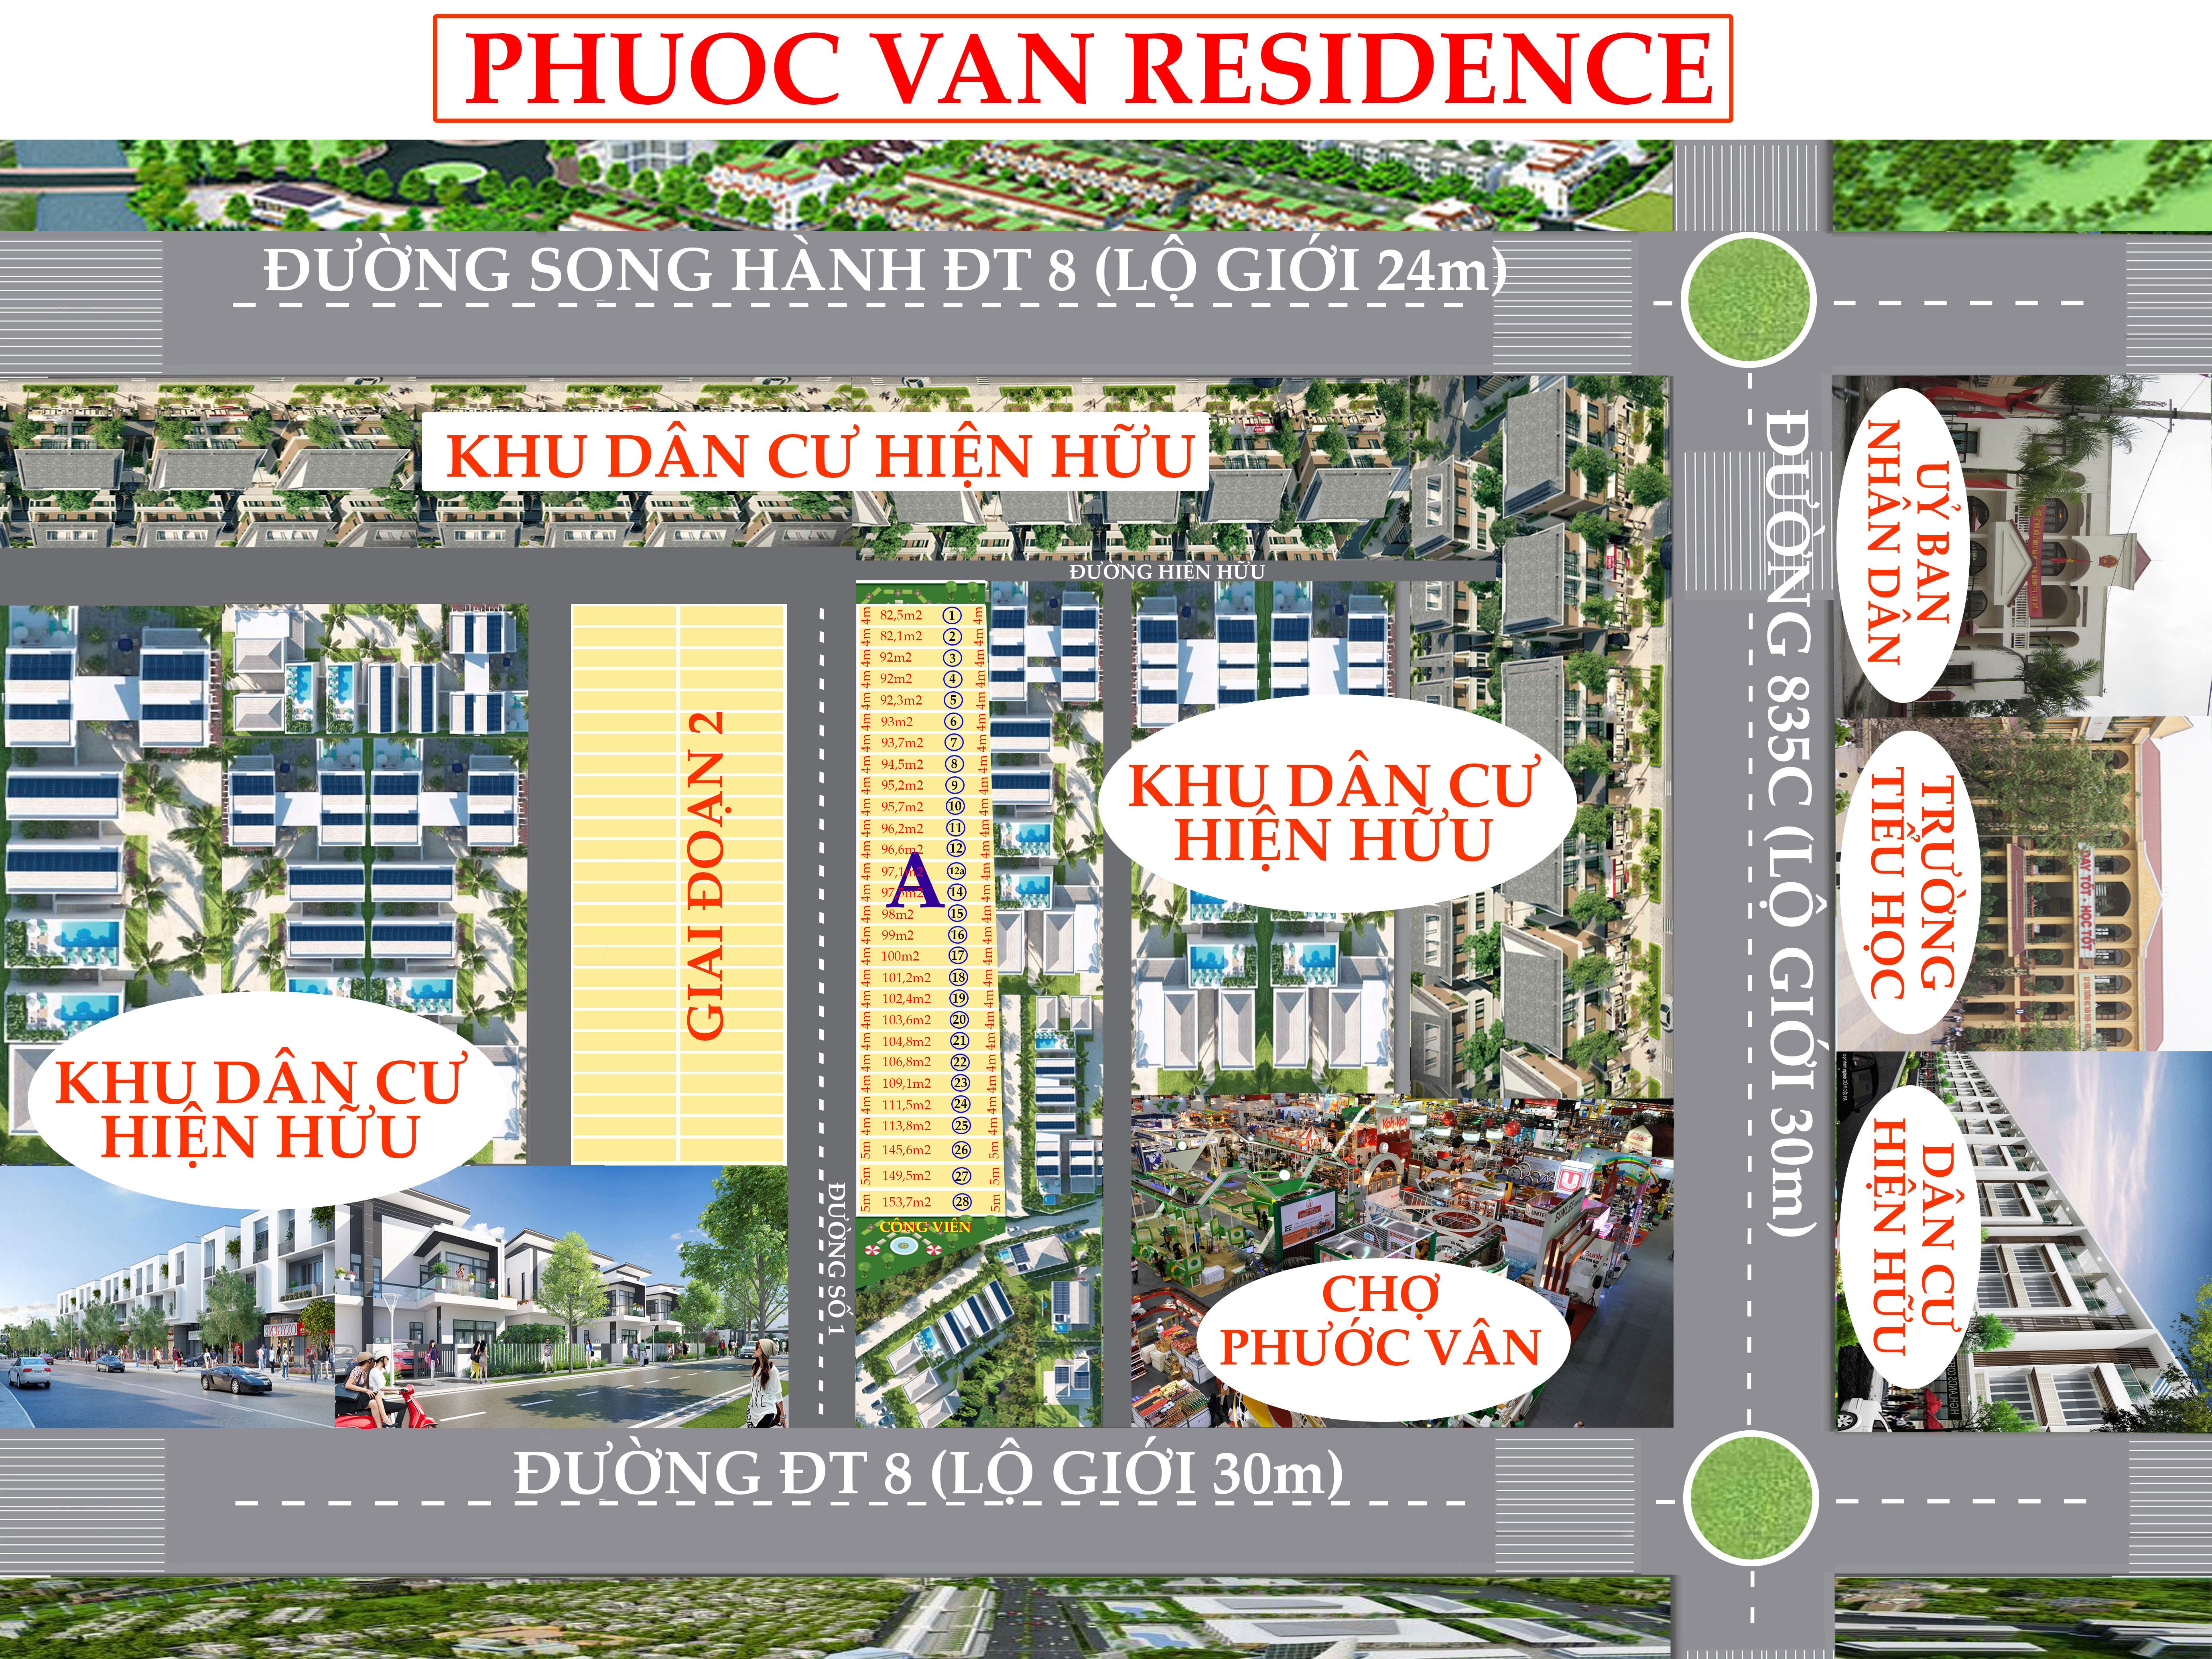 sơ đồ dự án Phước Vân Residence